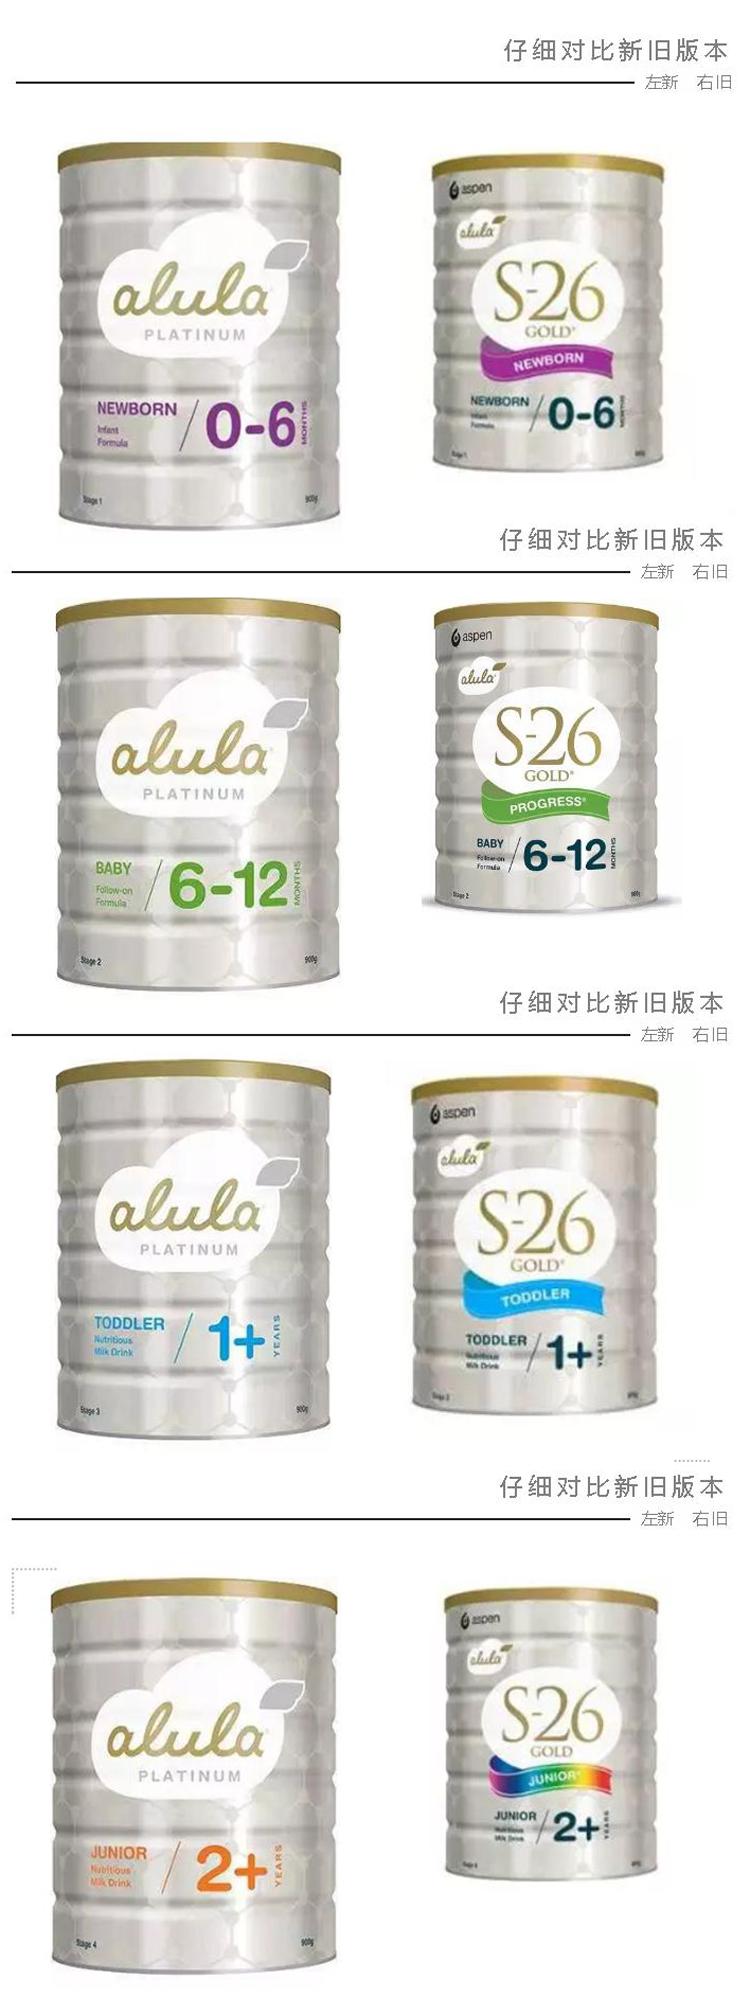 【直邮】澳洲惠氏alula 1段白金铂金装奶粉alula Platinum【3罐装】